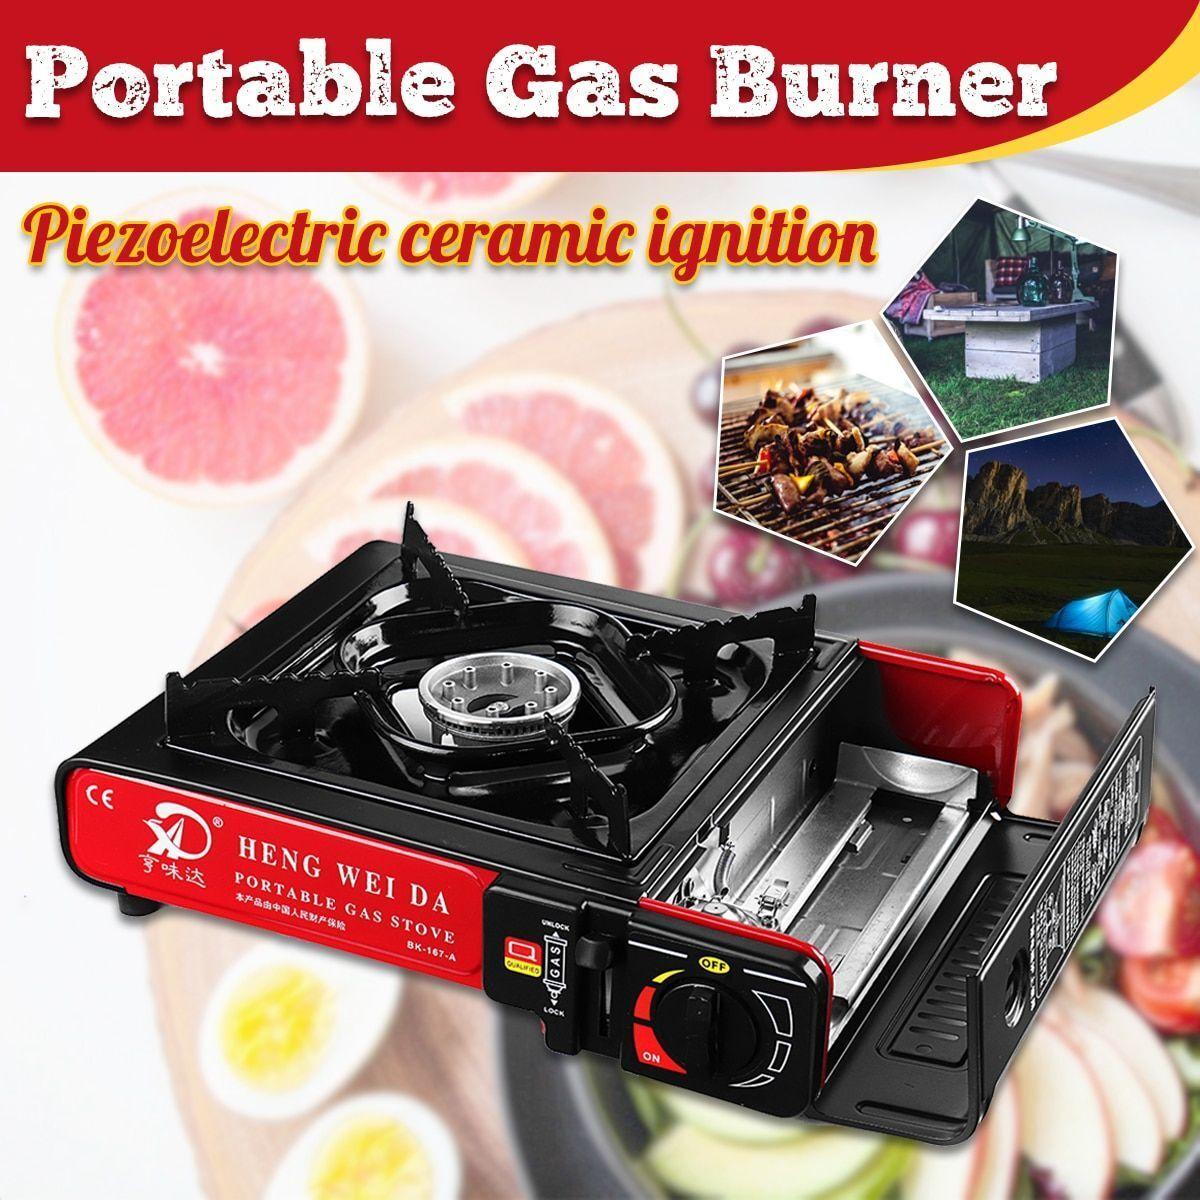 Estufa de Gas Quemador Portátil Cocina Ware Herramienta para Camping Picnic al aire libre equipos